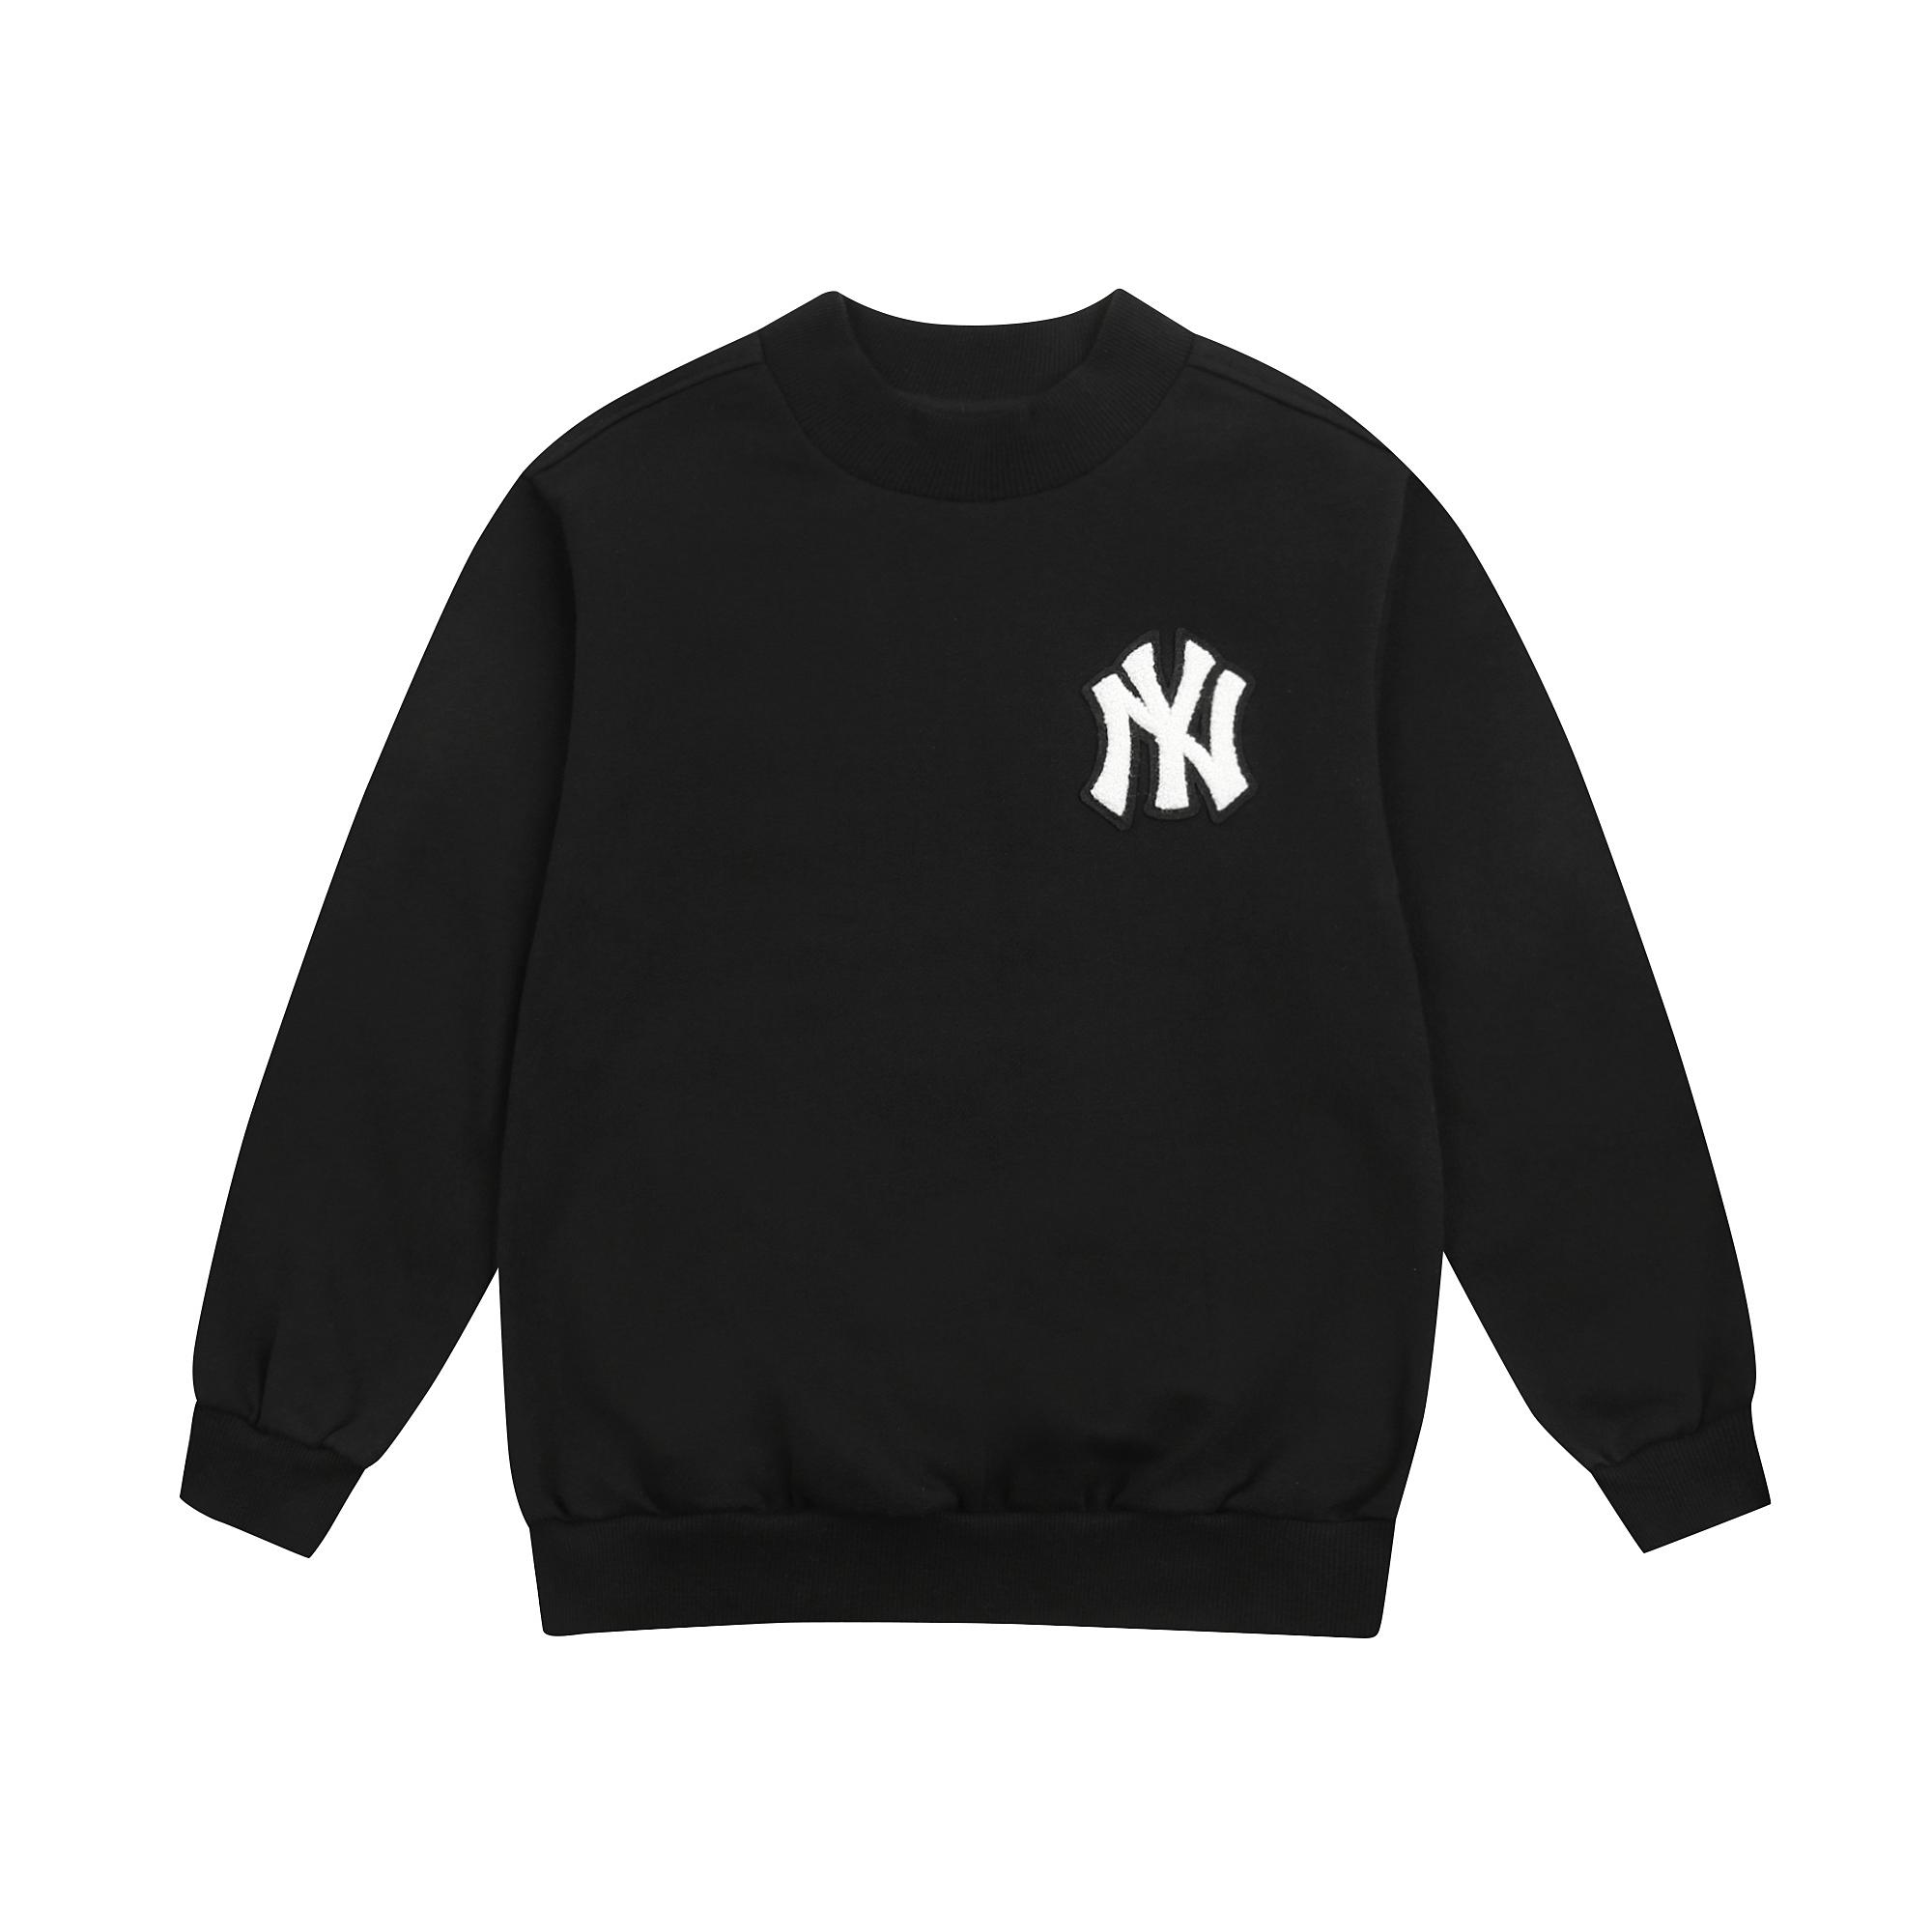 MLB키즈 여아 반하이넥 기모 롱 맨투맨 뉴욕양키스